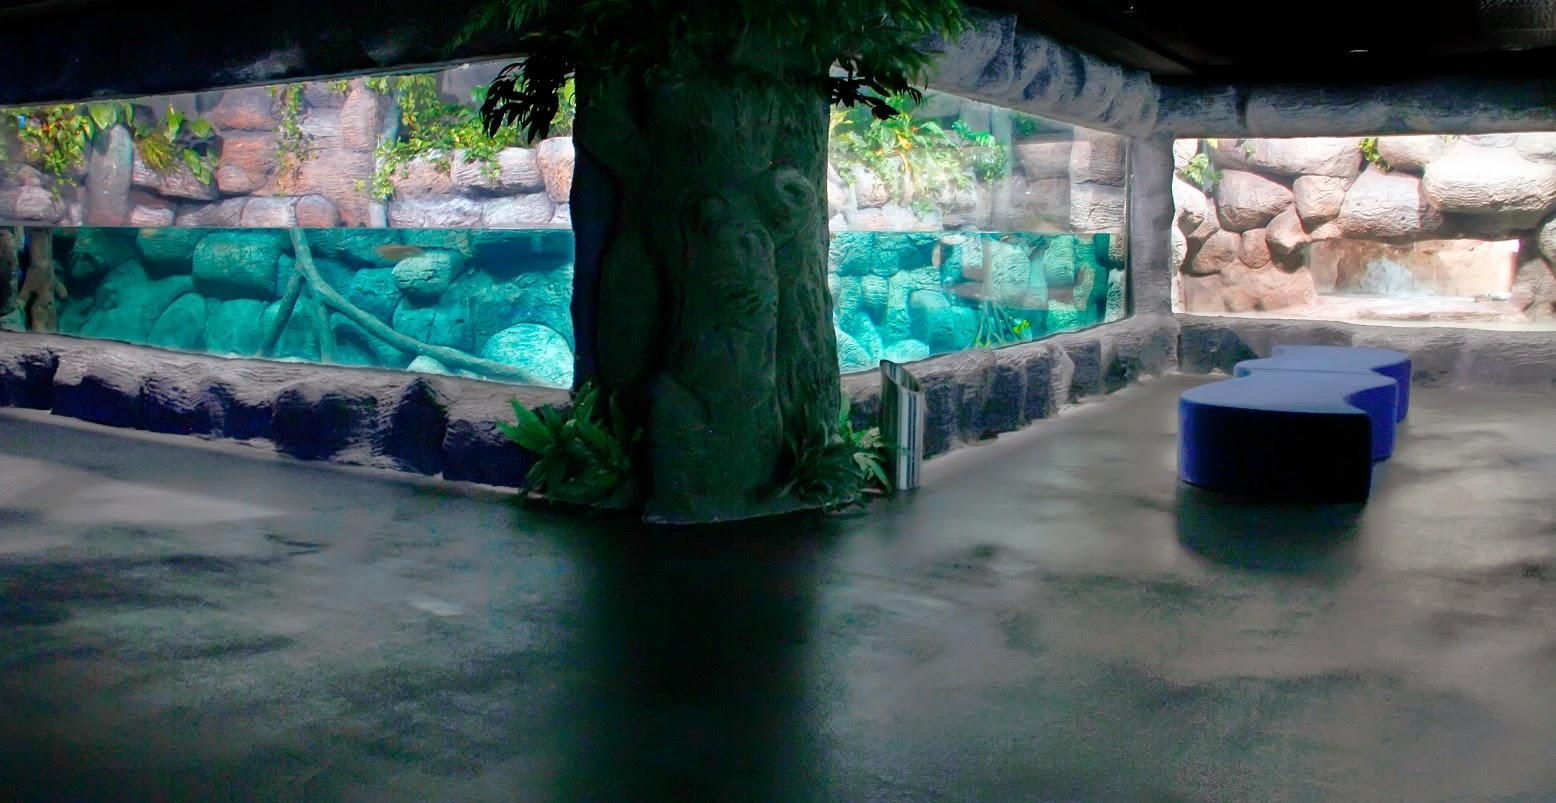 Aqua Vega Akvaryum'da eğlenceli bir gün geçirilebilir.